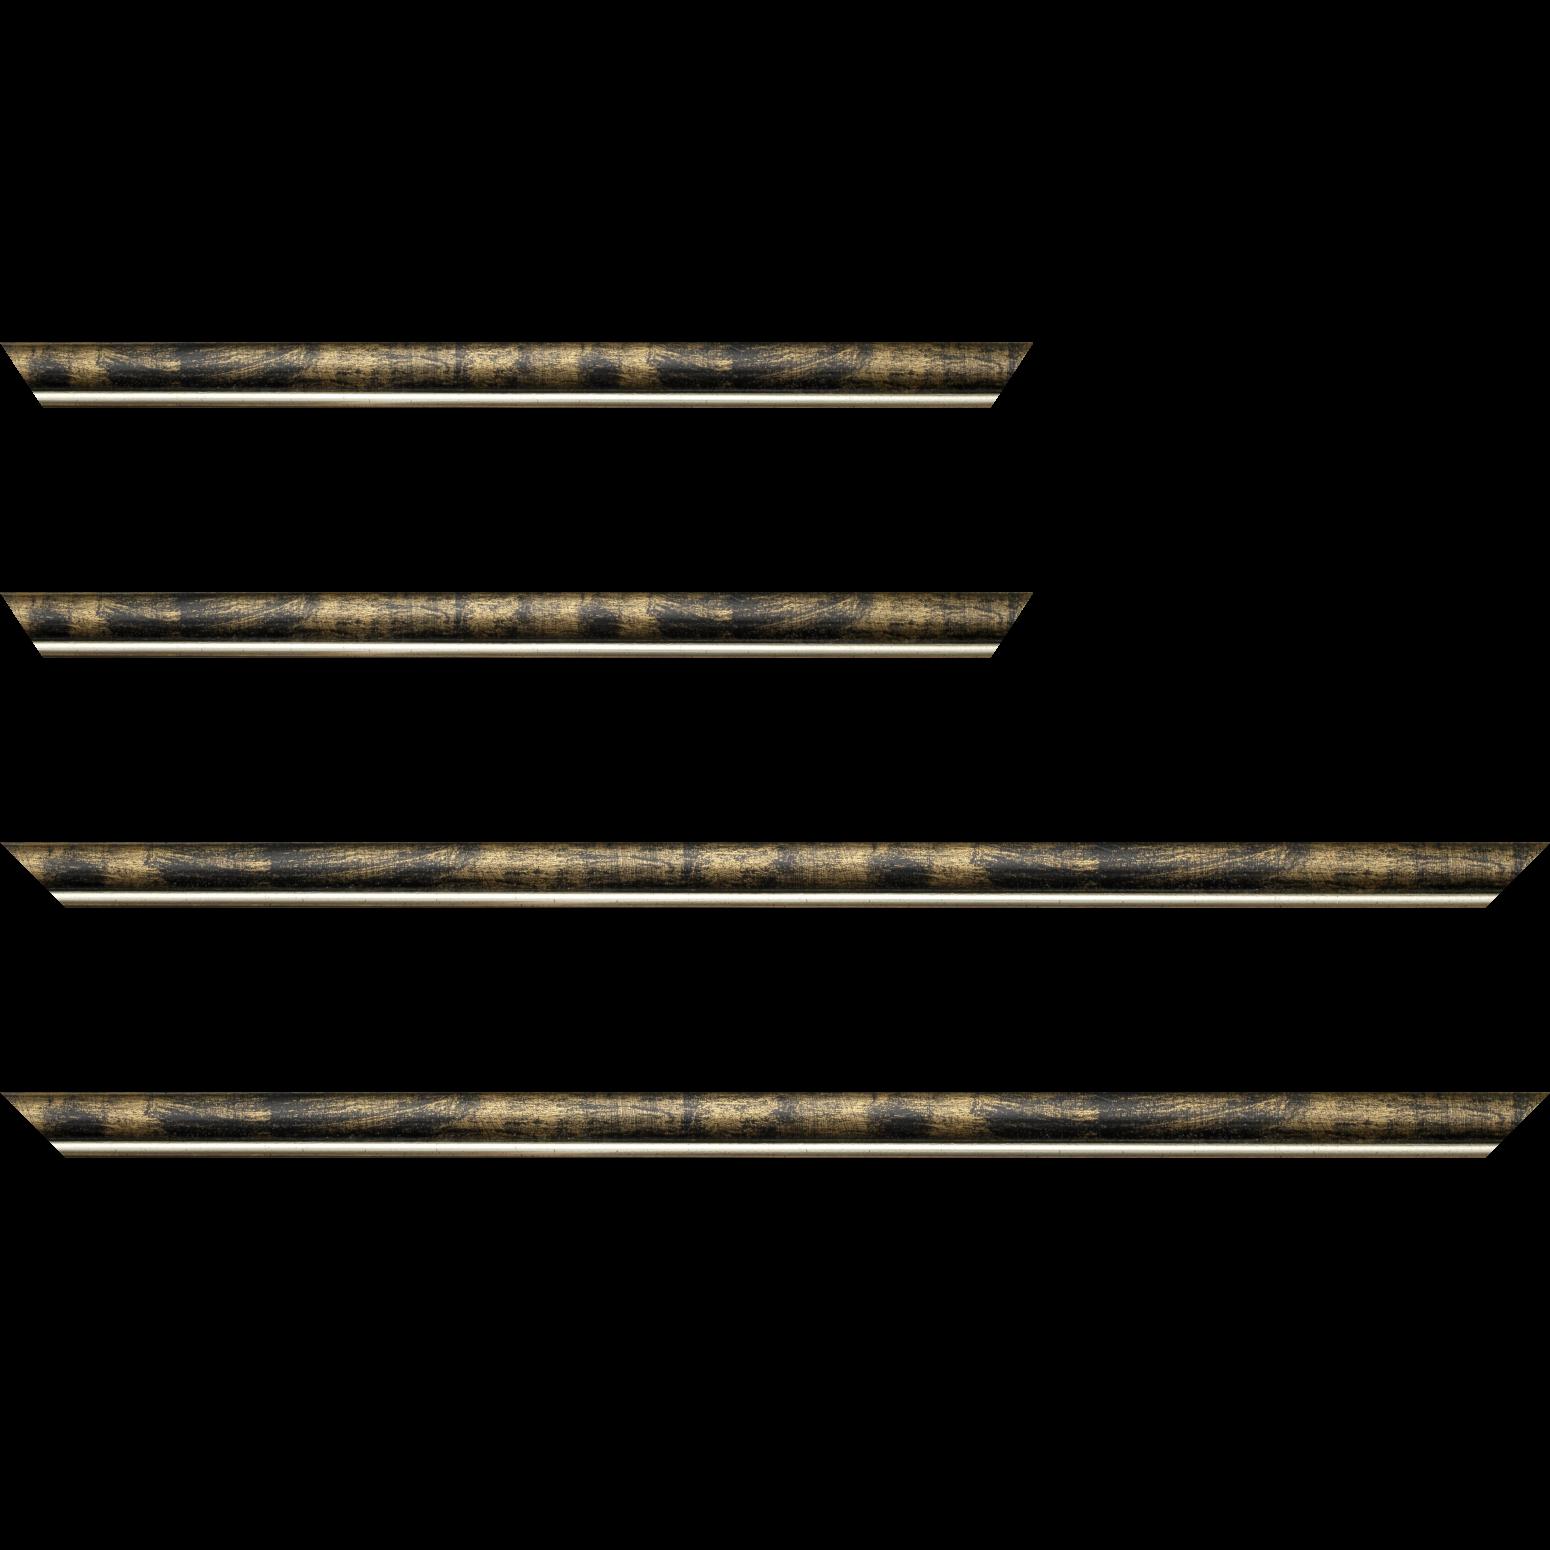 Baguette service précoupé Bois profil arrondi largeur 2.1cm  couleur noir fond or filet argent chaud